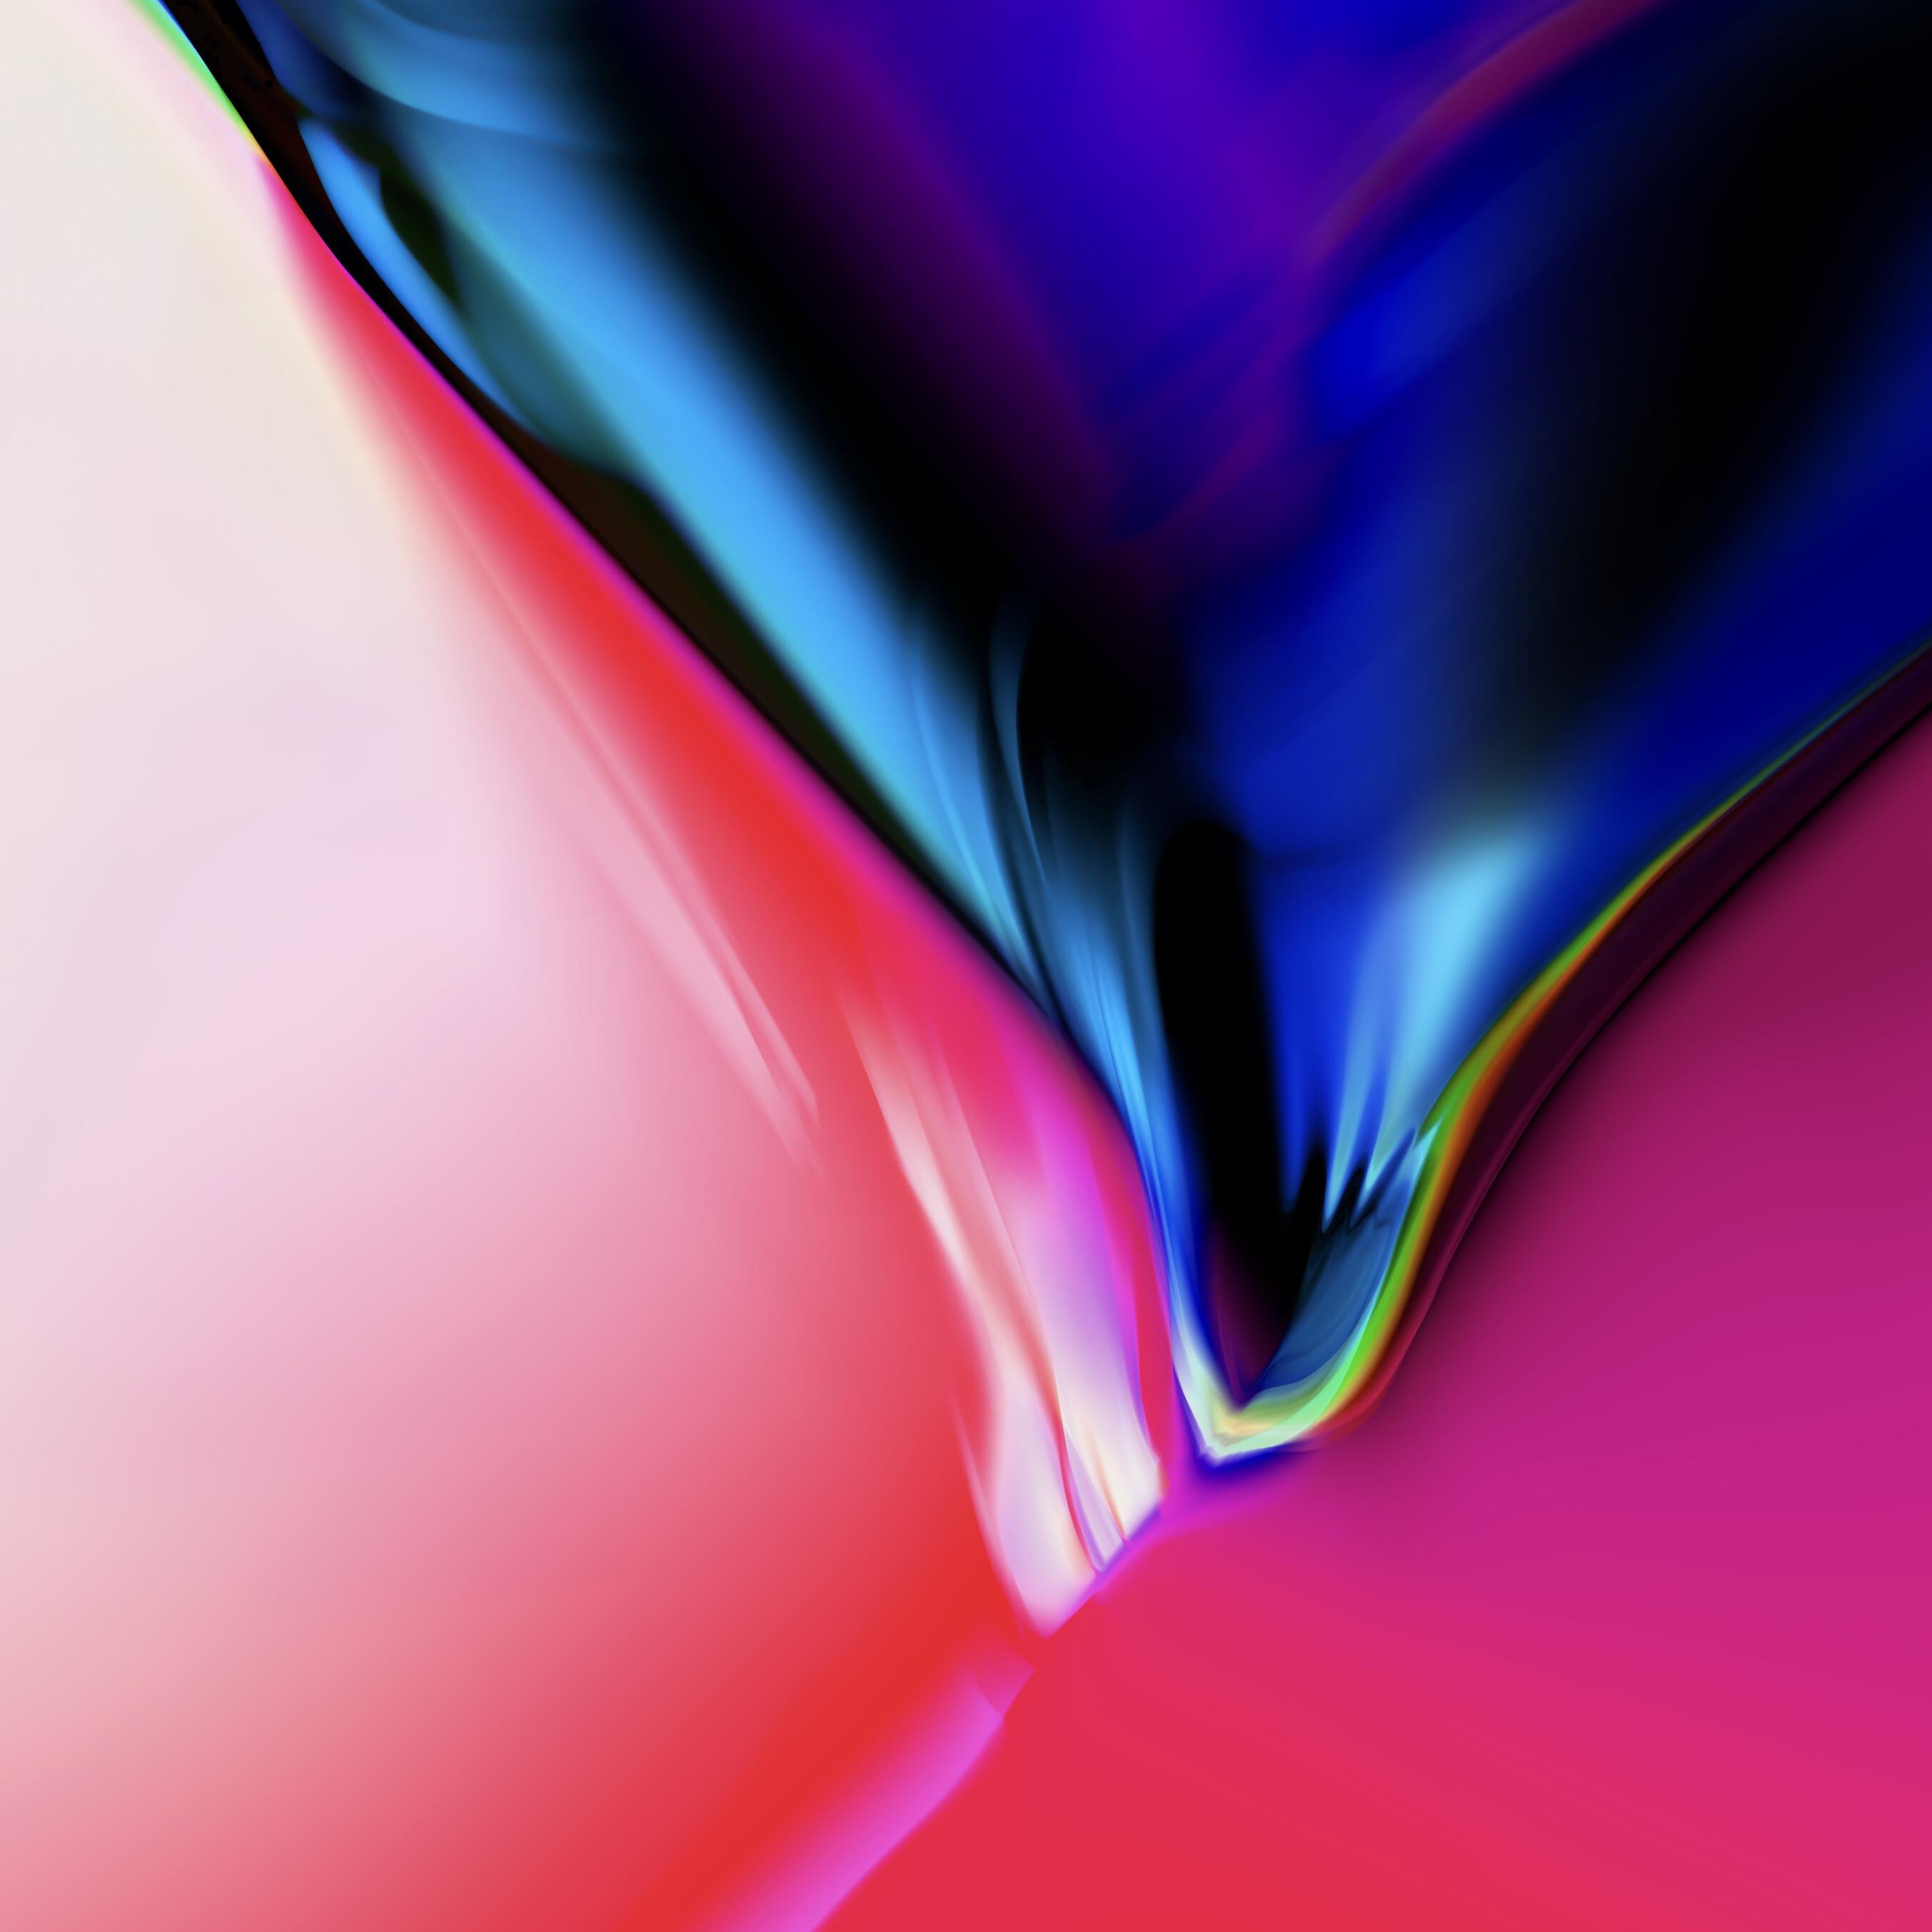 Wie kann man die iPhone X-Schnittstelle auf Ihrem Android-Gerät emulieren?